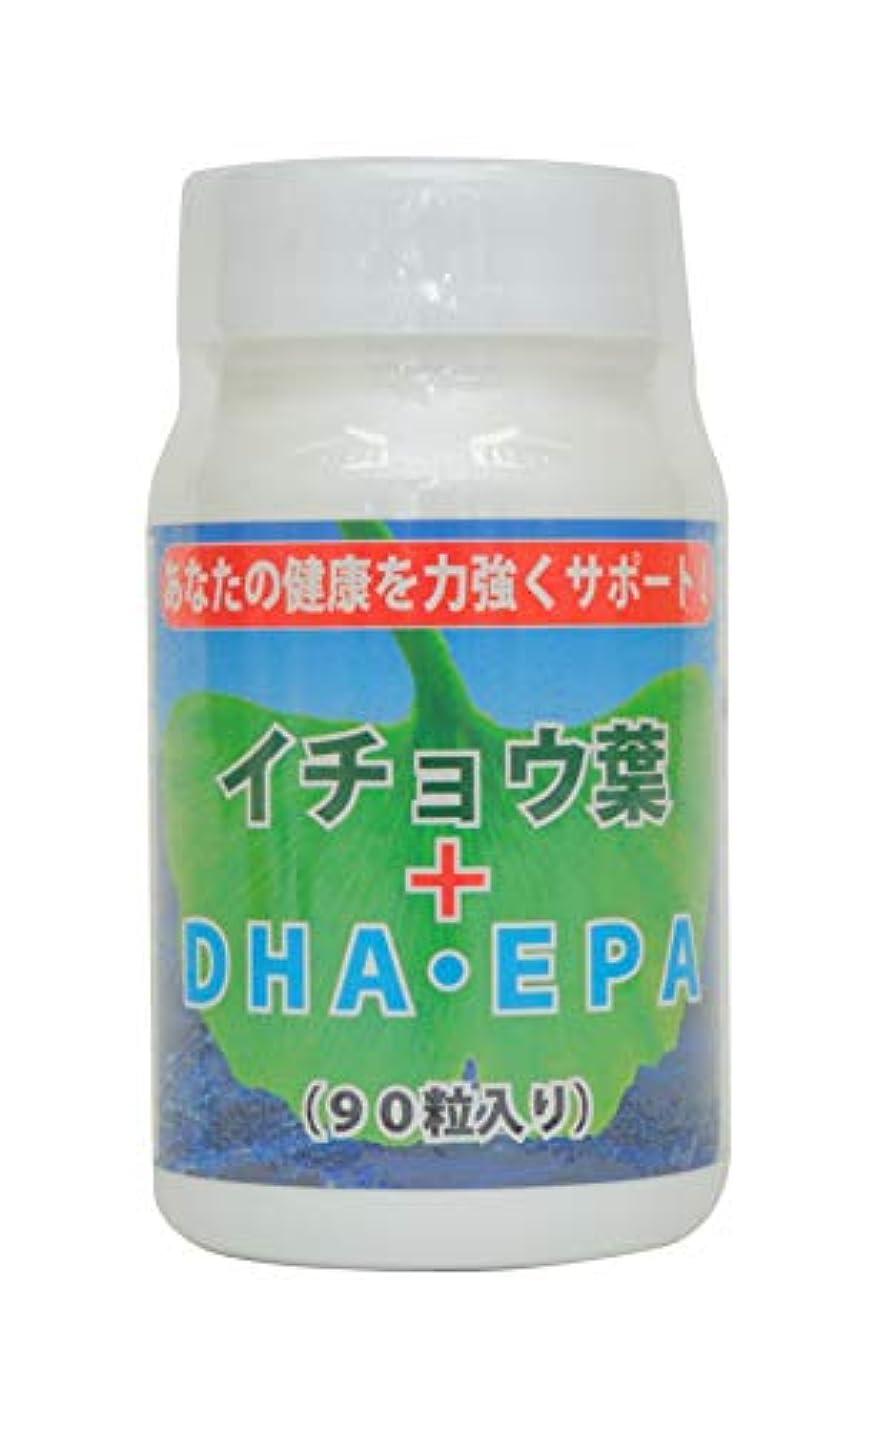 家禽哺乳類作曲家万成酵素 イチョウ葉 + DHA EPA 90粒入り サプリメント